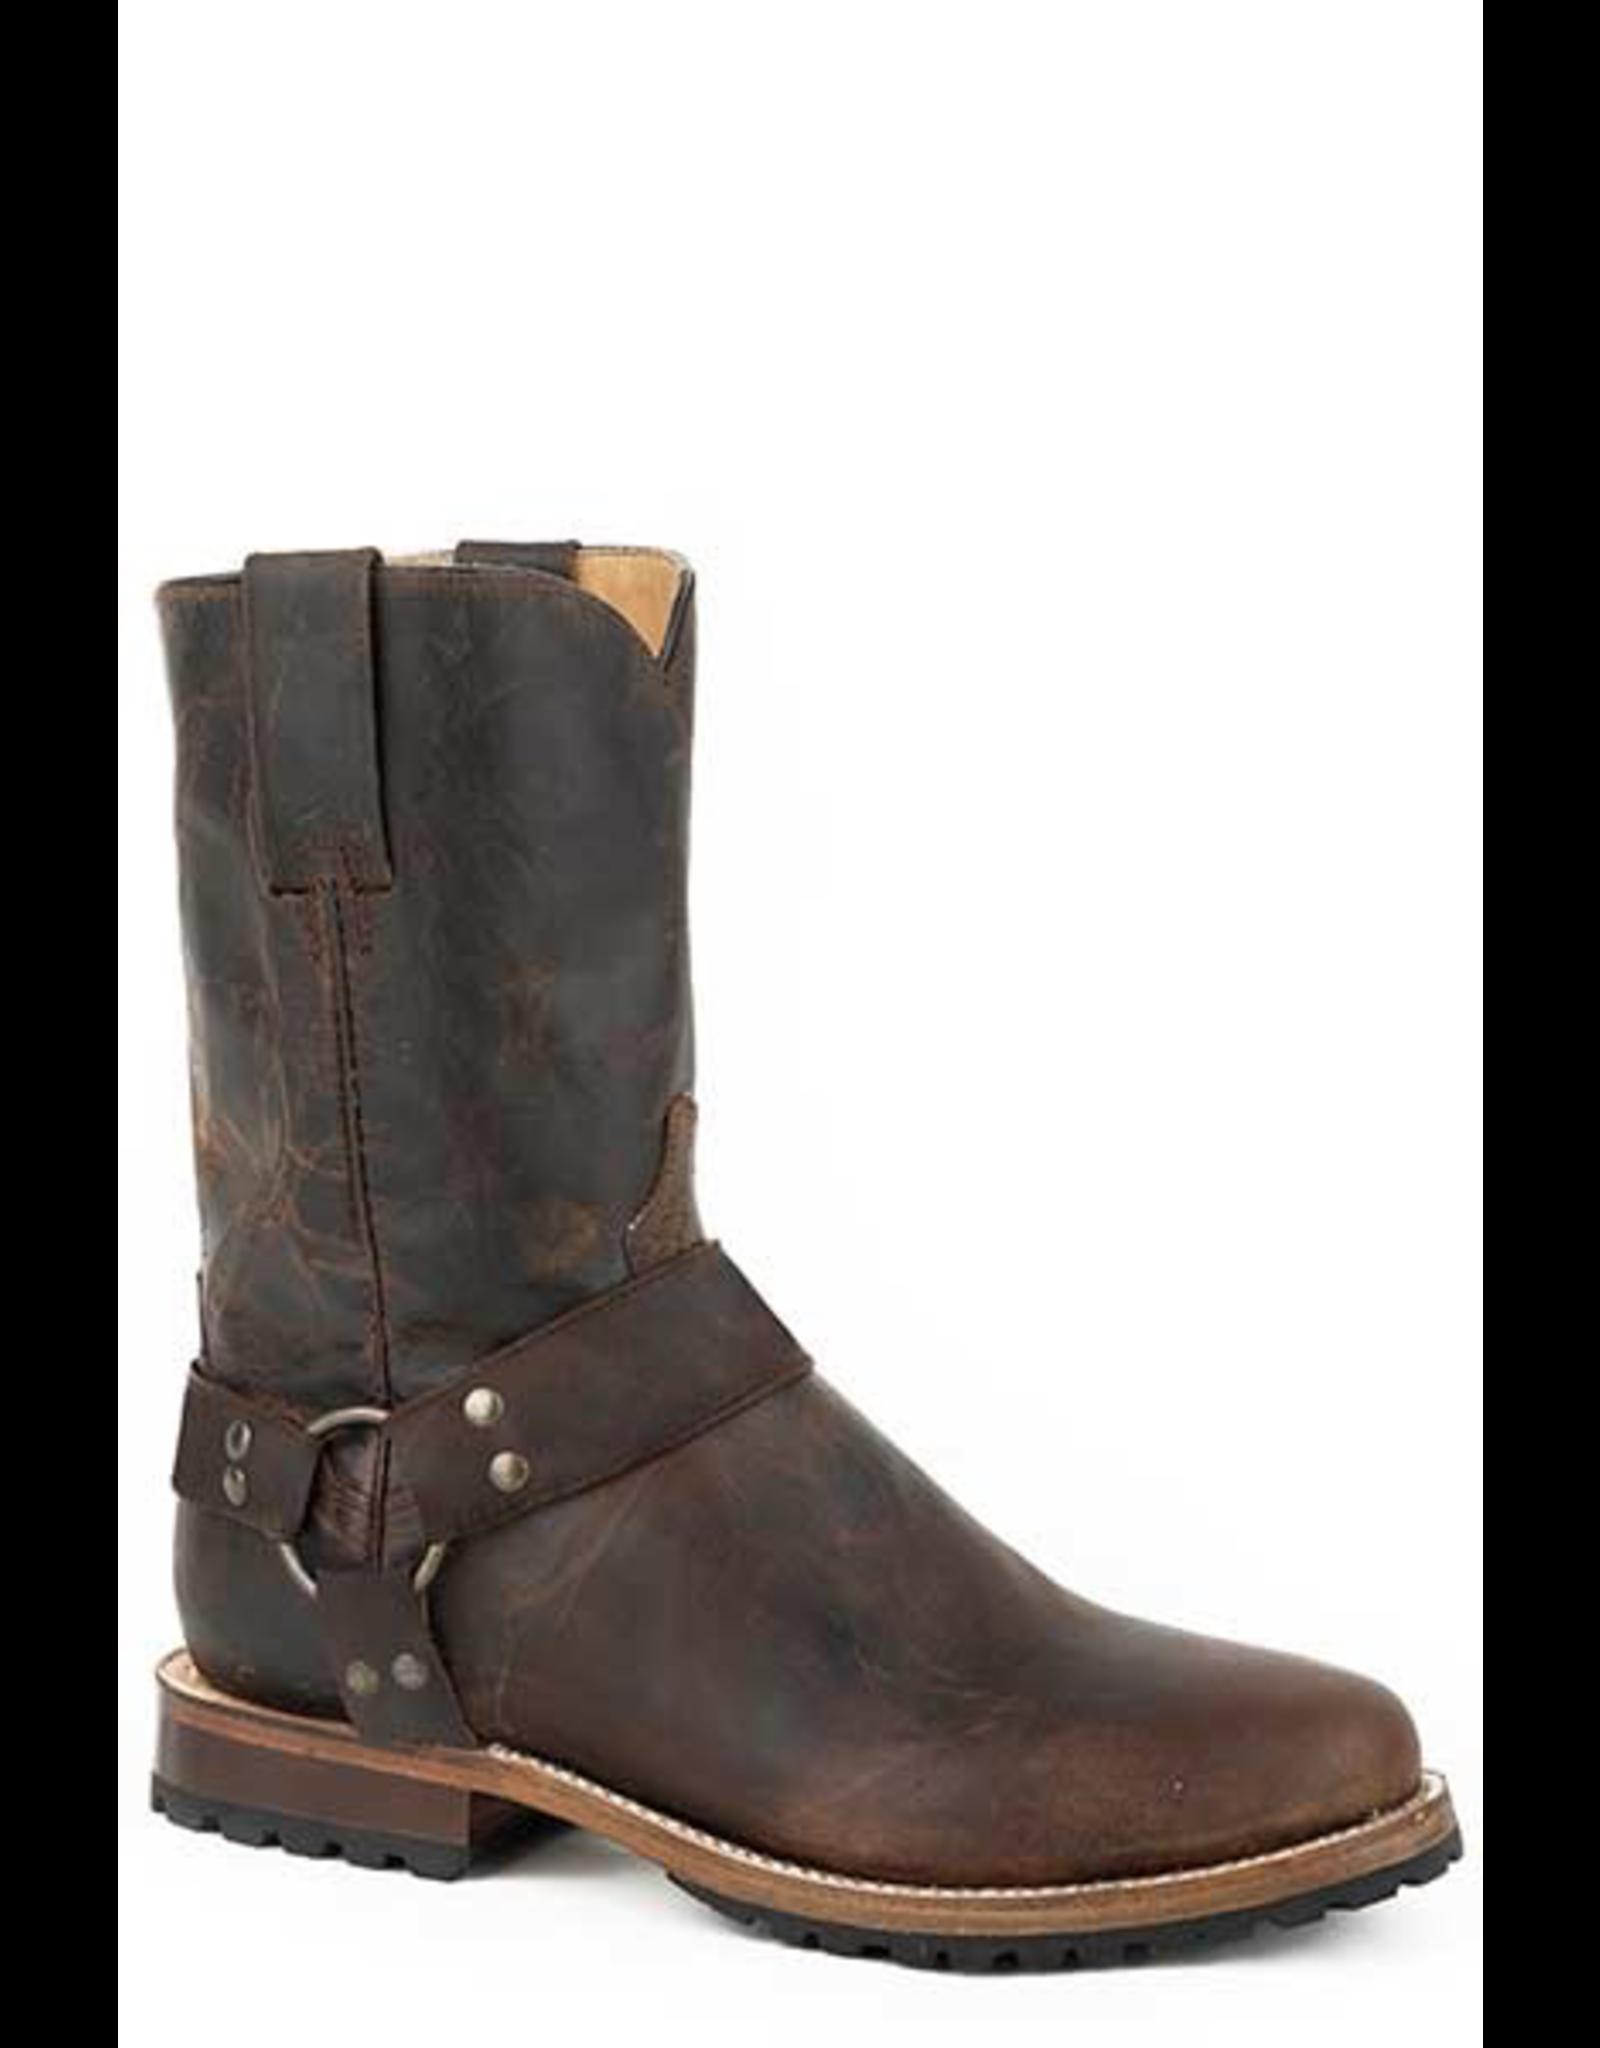 Boots-Men Stetson 12-020-7608-0770 Puncher Harness